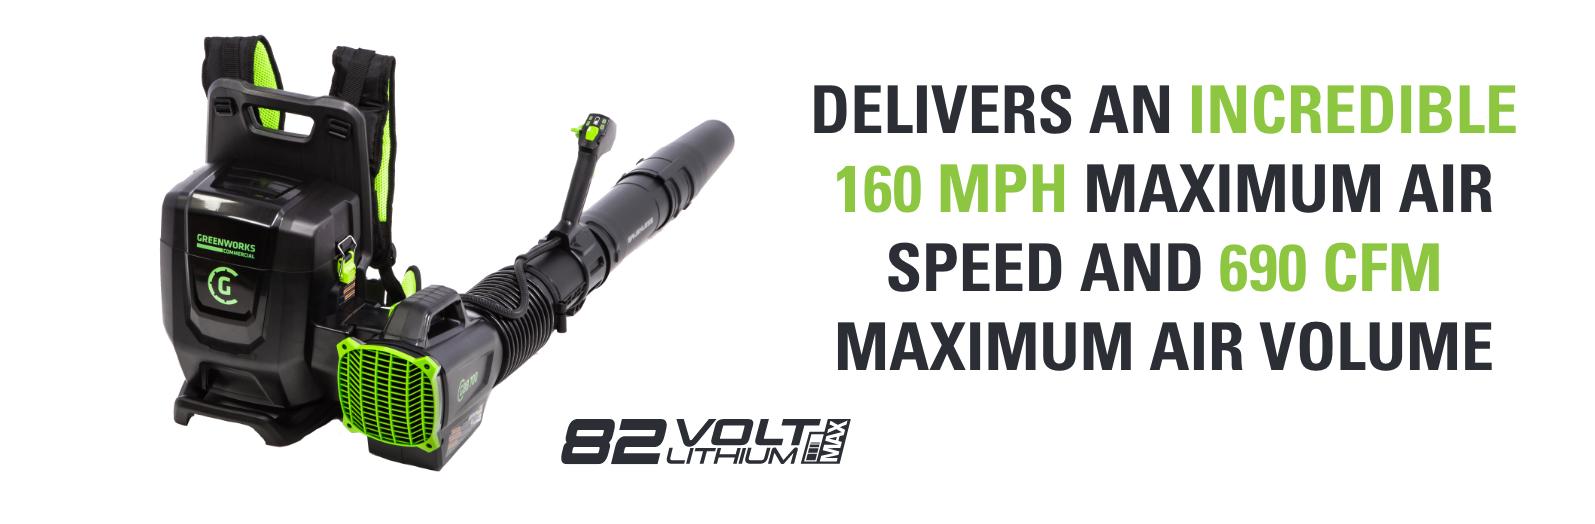 82V Backpack Blower   Greenworks Commercial